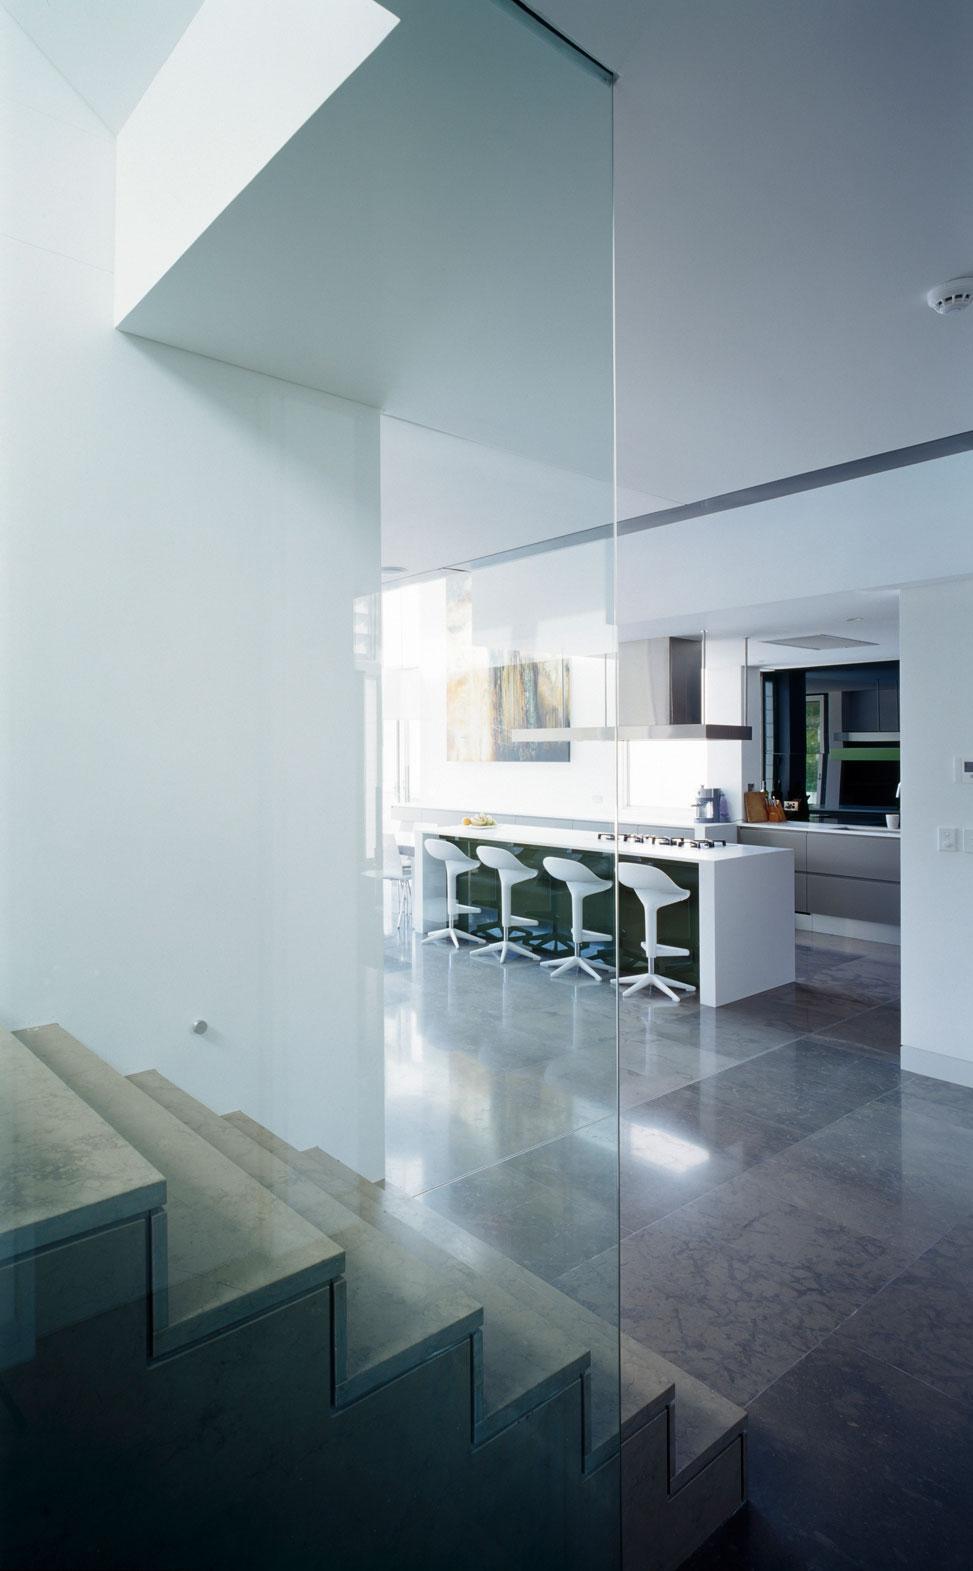 Architetturedinterni-Raffinato-stile-urbano-a Sydney-19